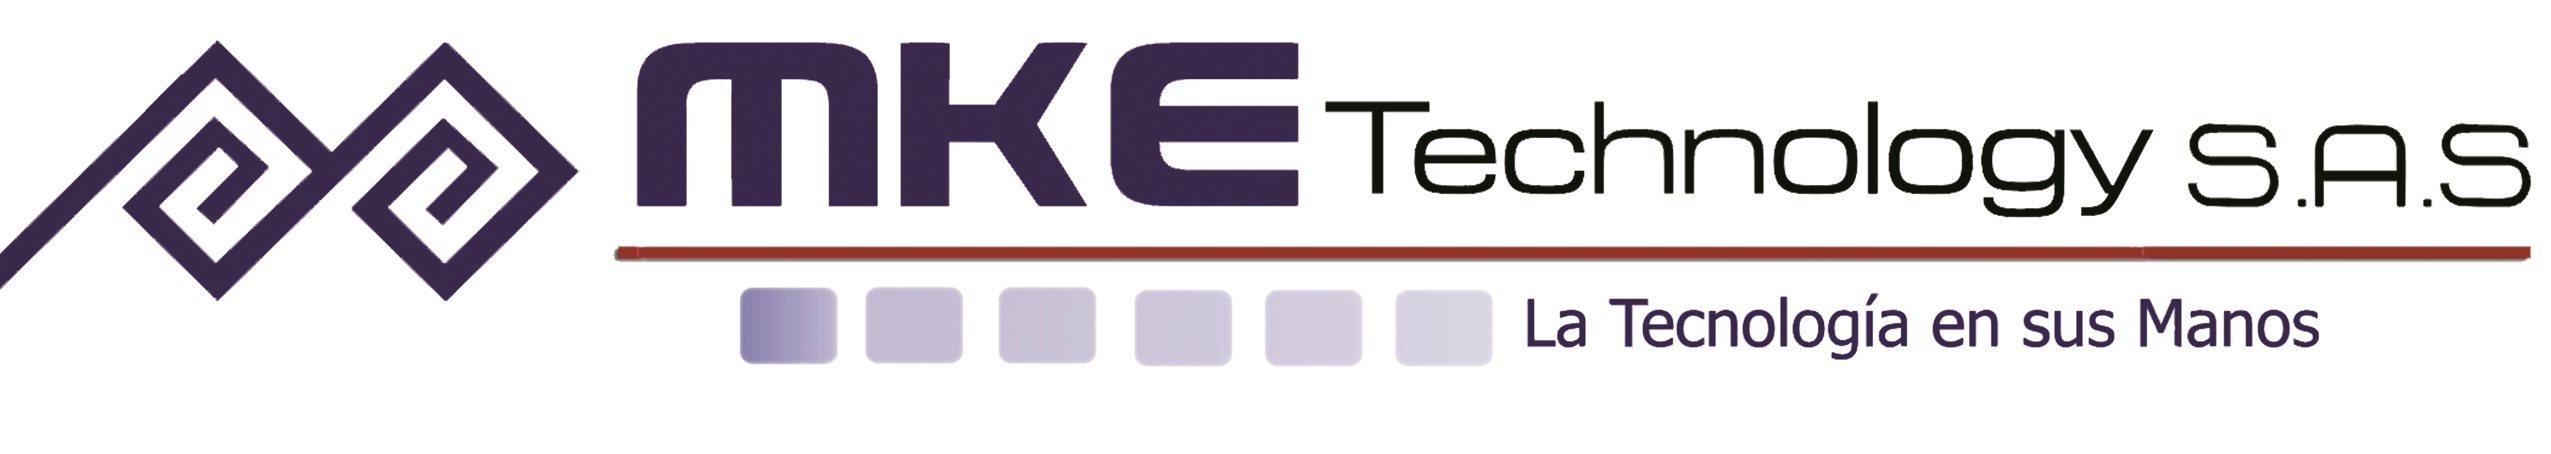 MKE TECHNOLOGY SAS